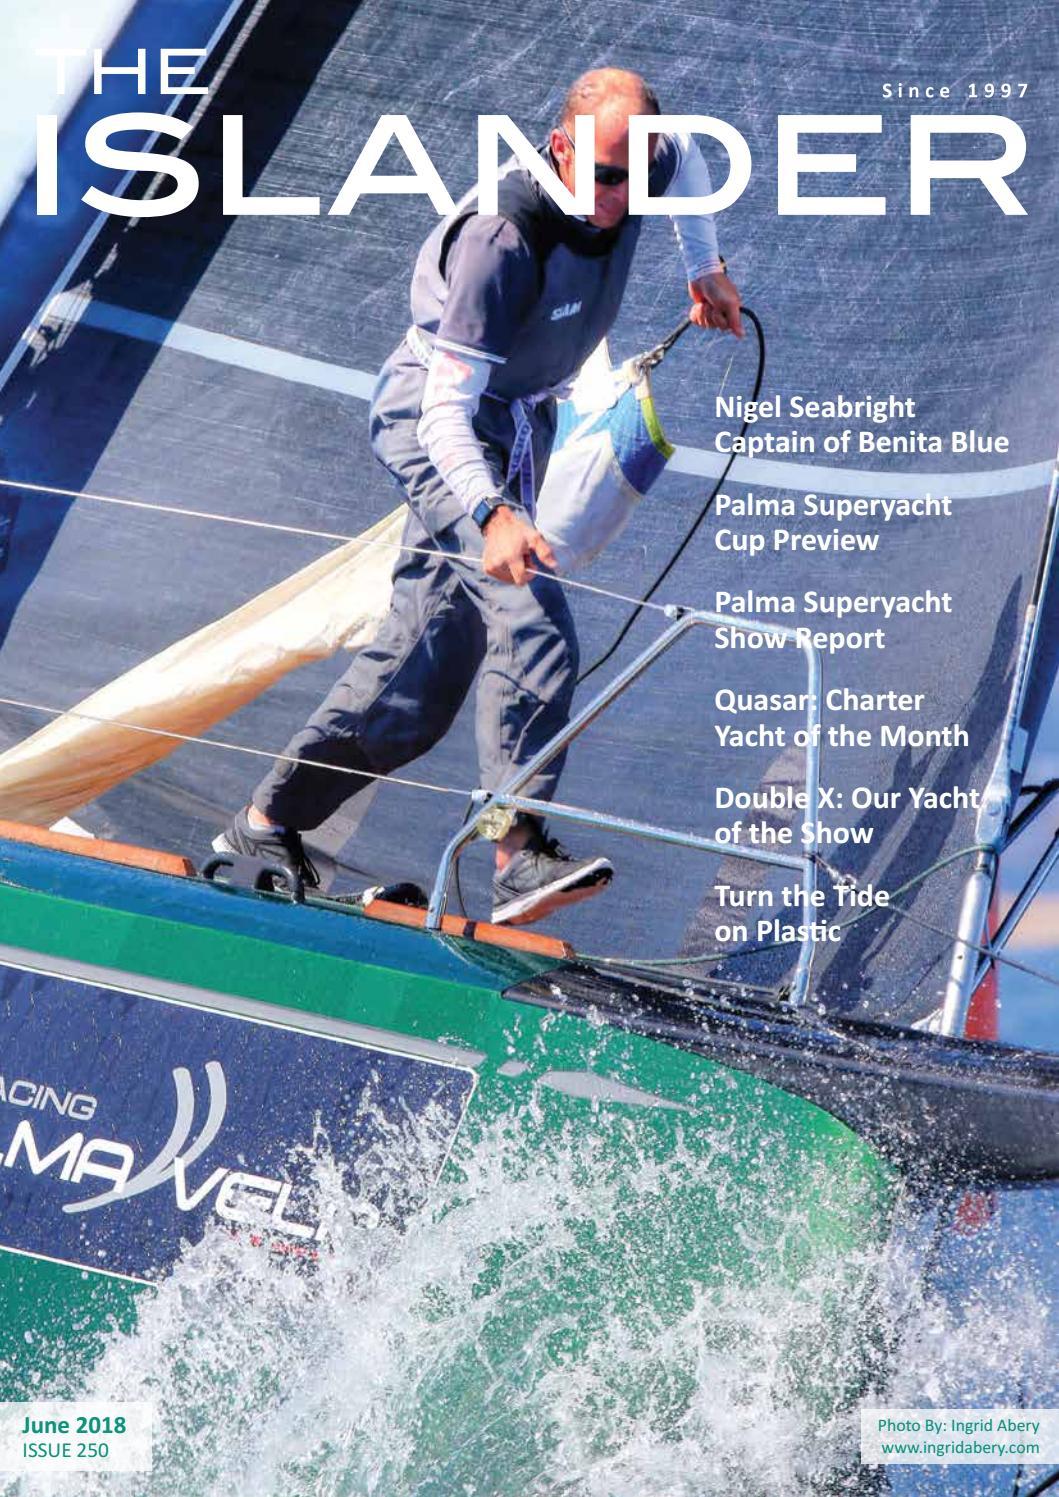 """BLACK//BLUE JET SKI PWC COVER FITS 2-3 SEATER JET SKI UP TO 132/"""" IN LENGTH"""